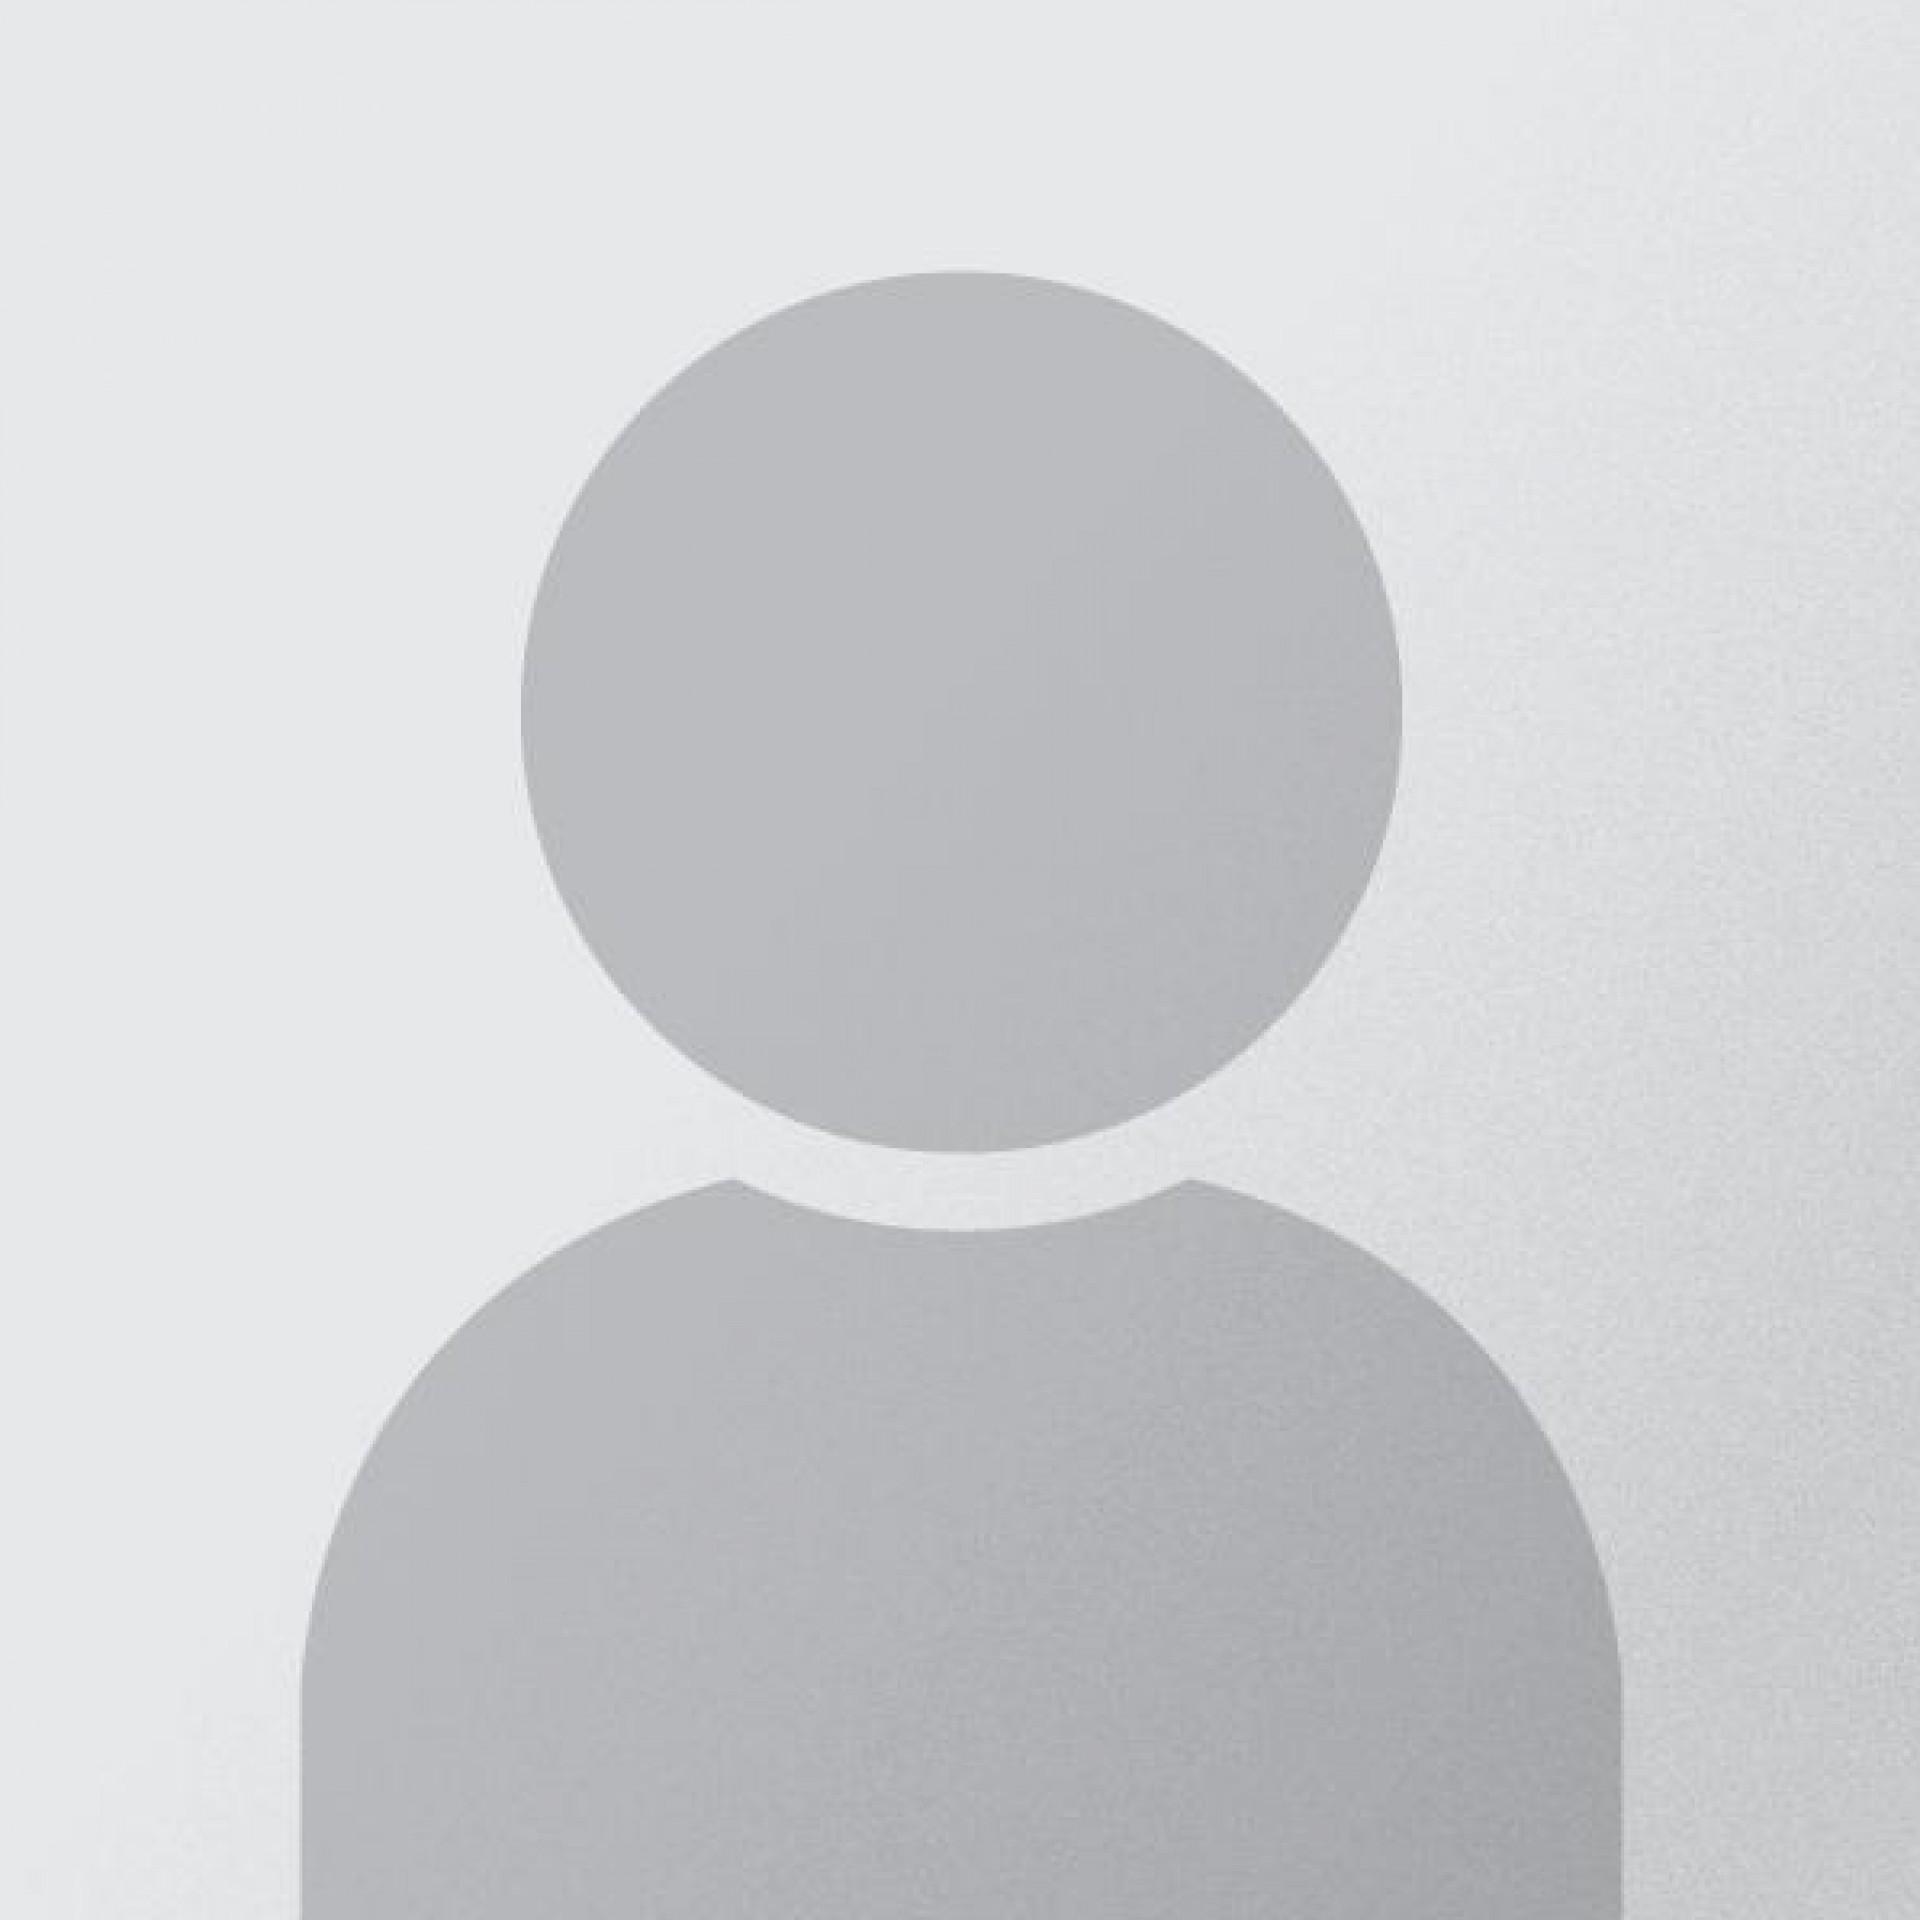 fotografia p021 profilu 0102YDFHFV